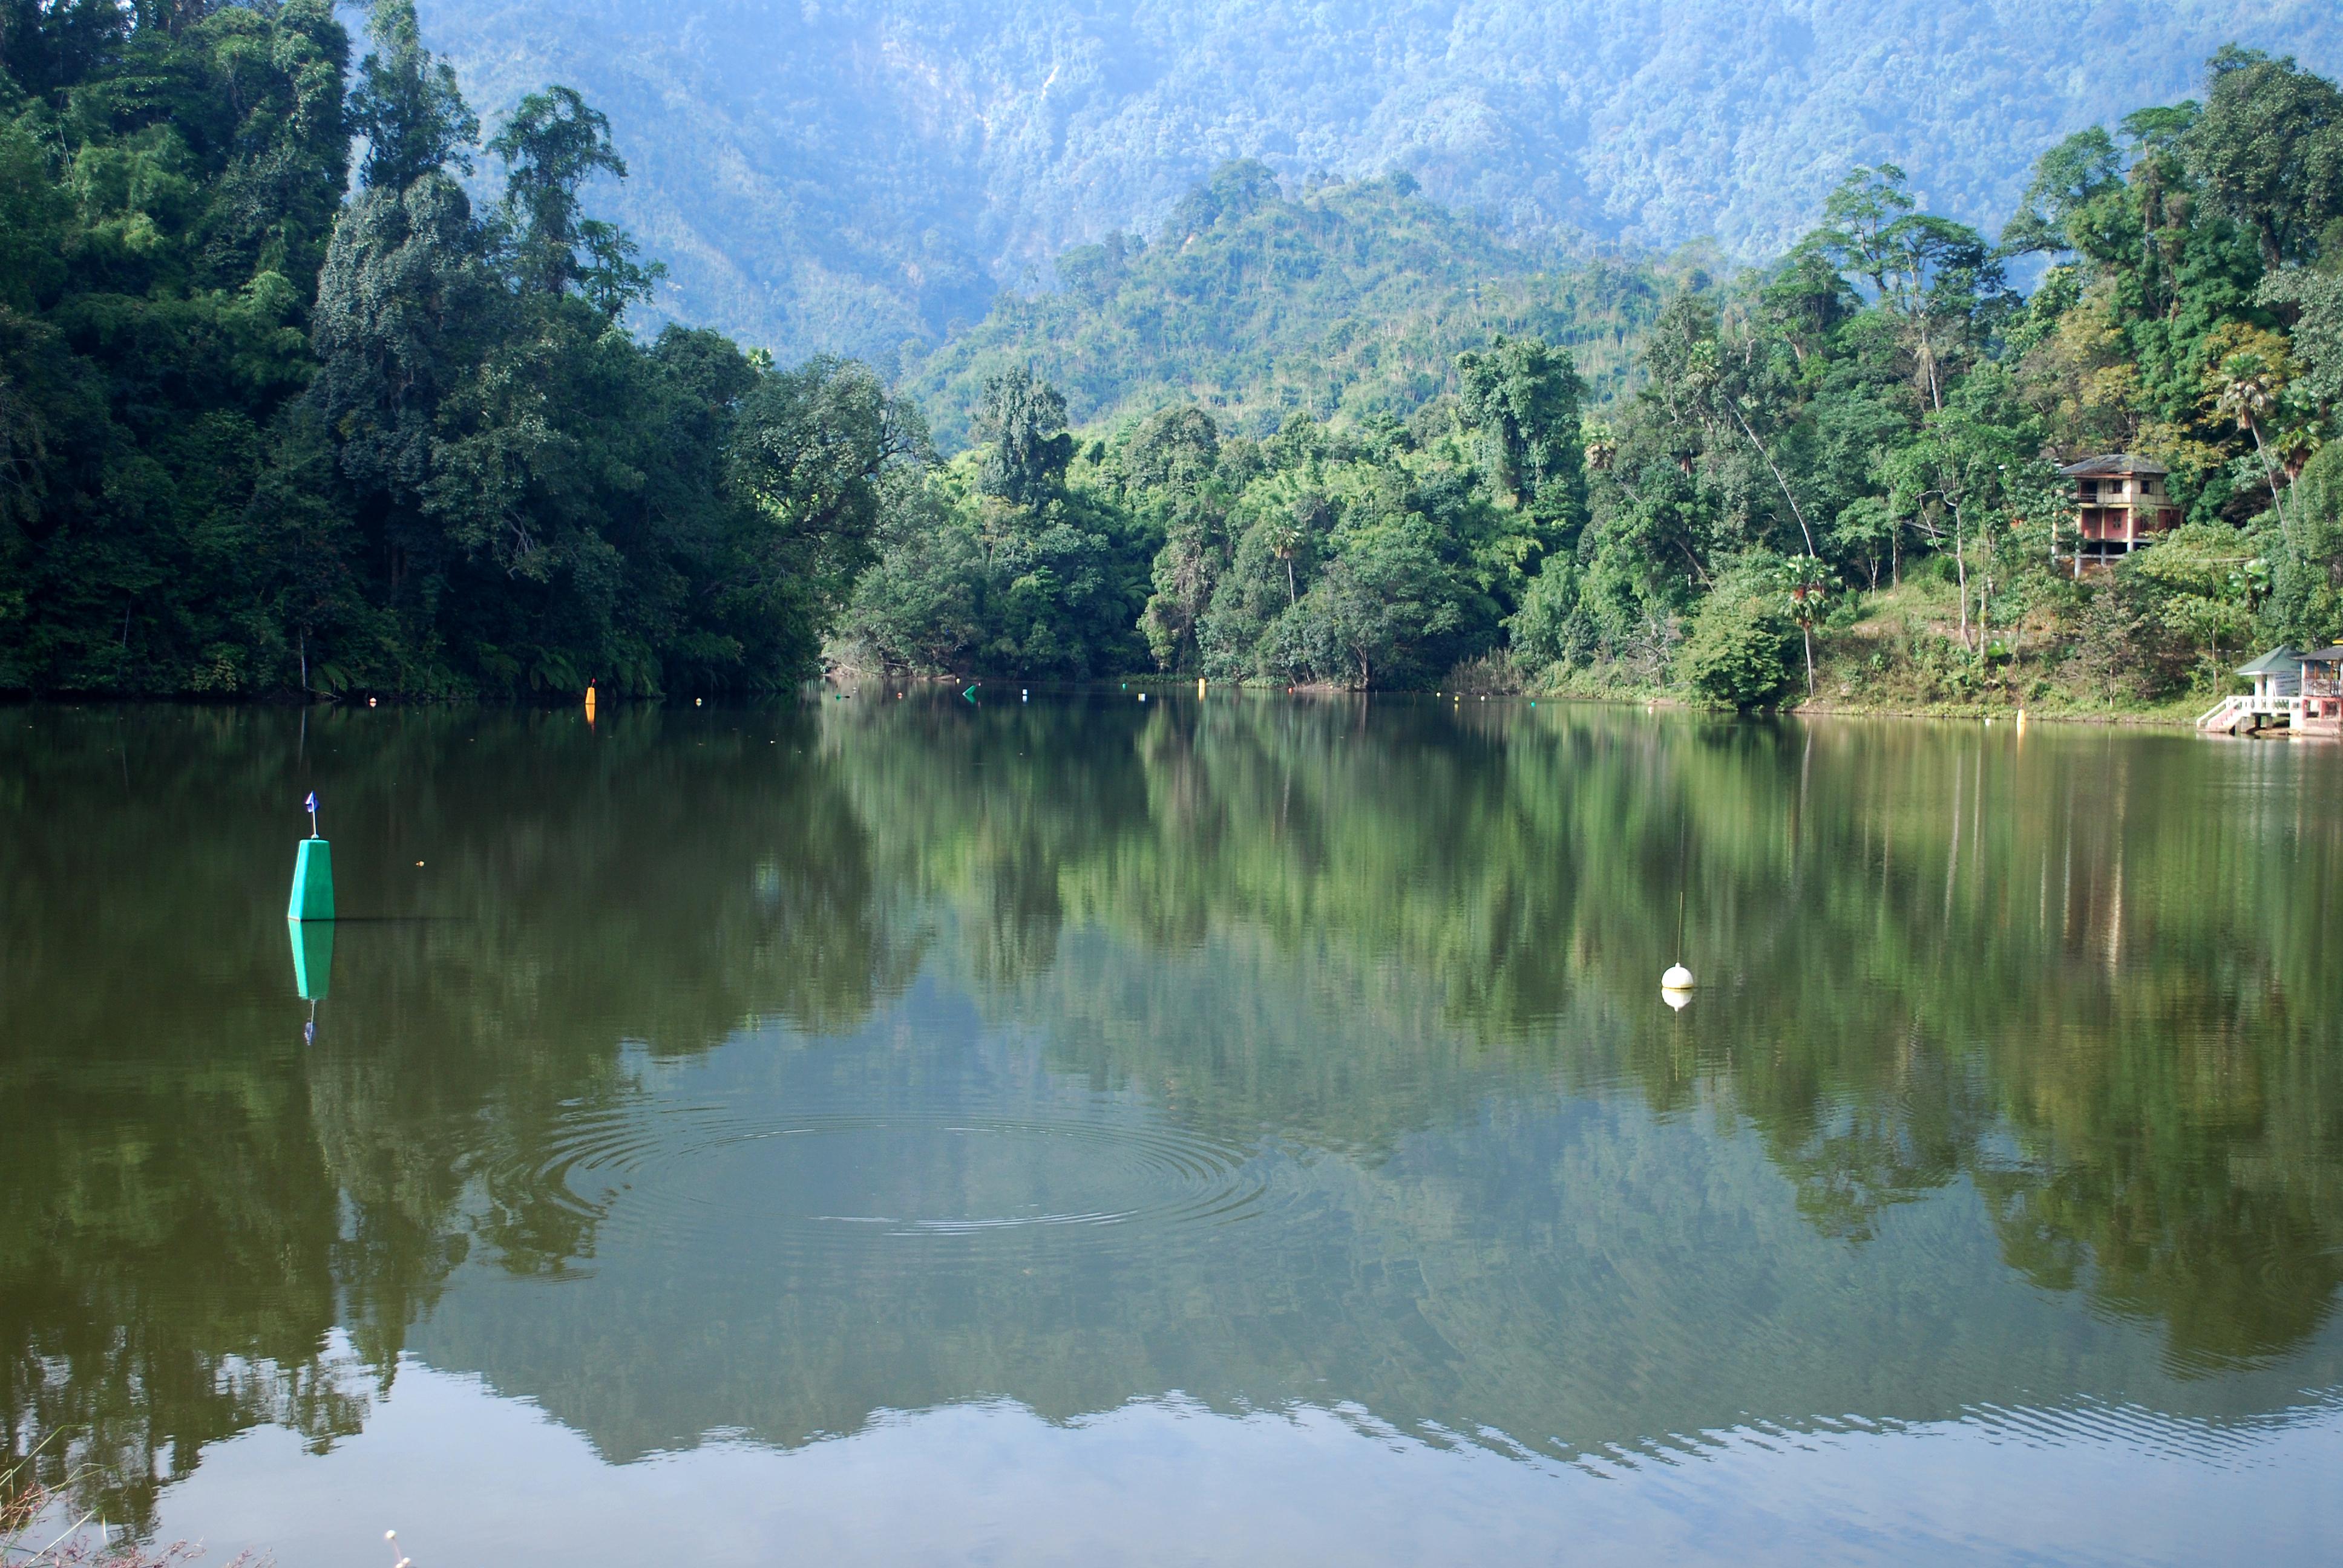 Gyakar Sinyi or the Ganga Lake